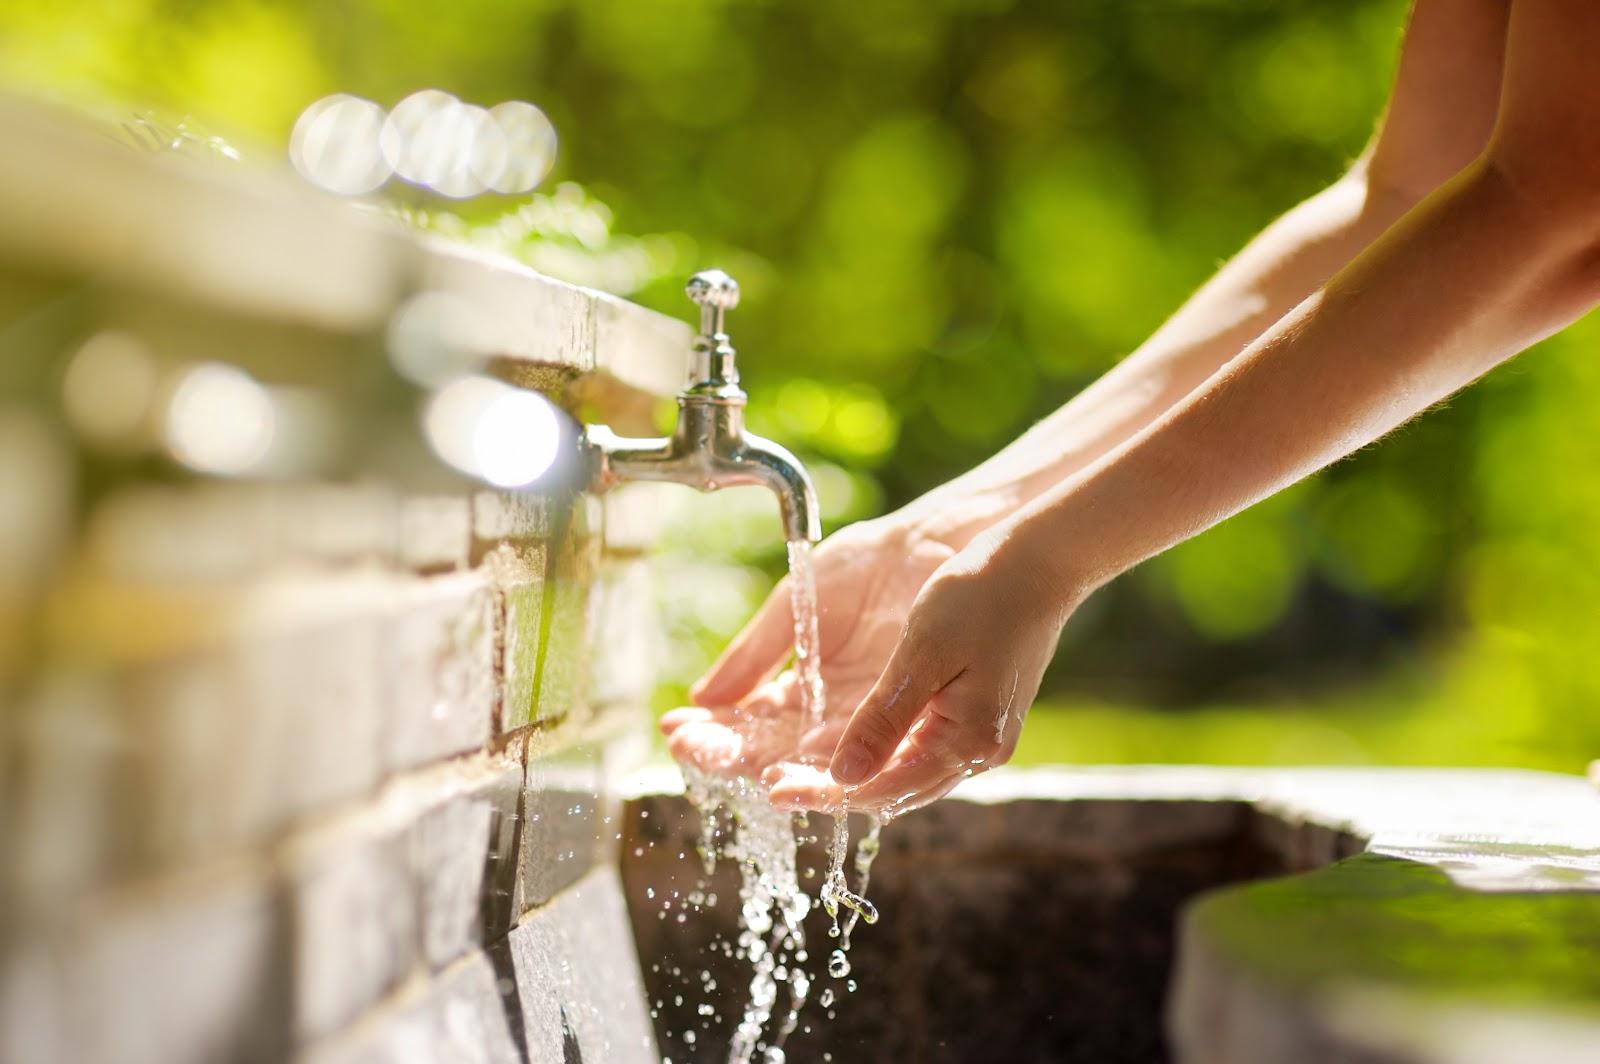 способы очистить воду